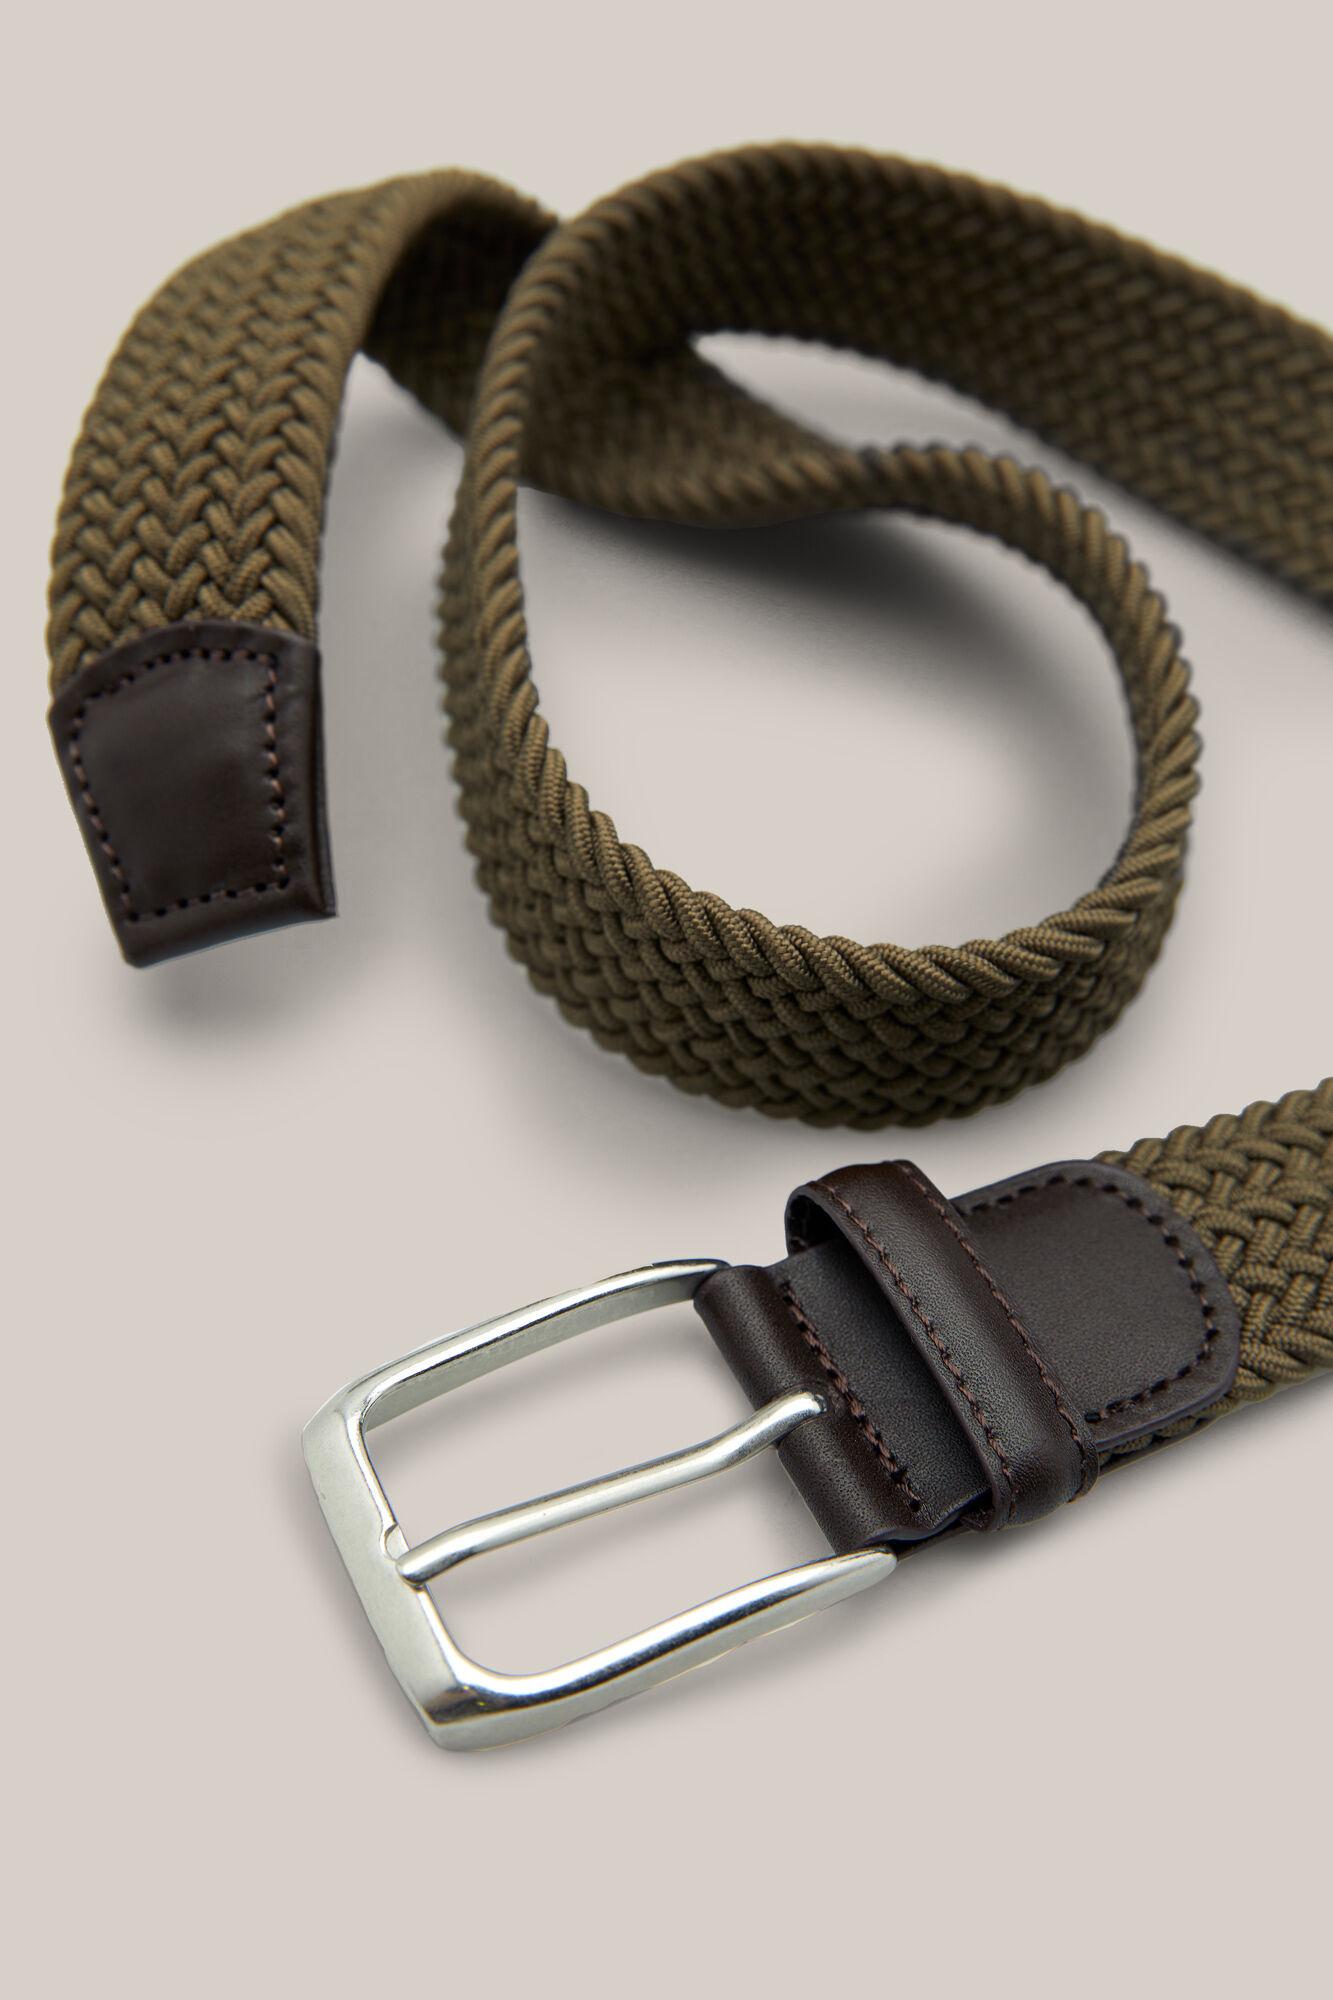 Cinturón trenzado textil  9d55e68590a3